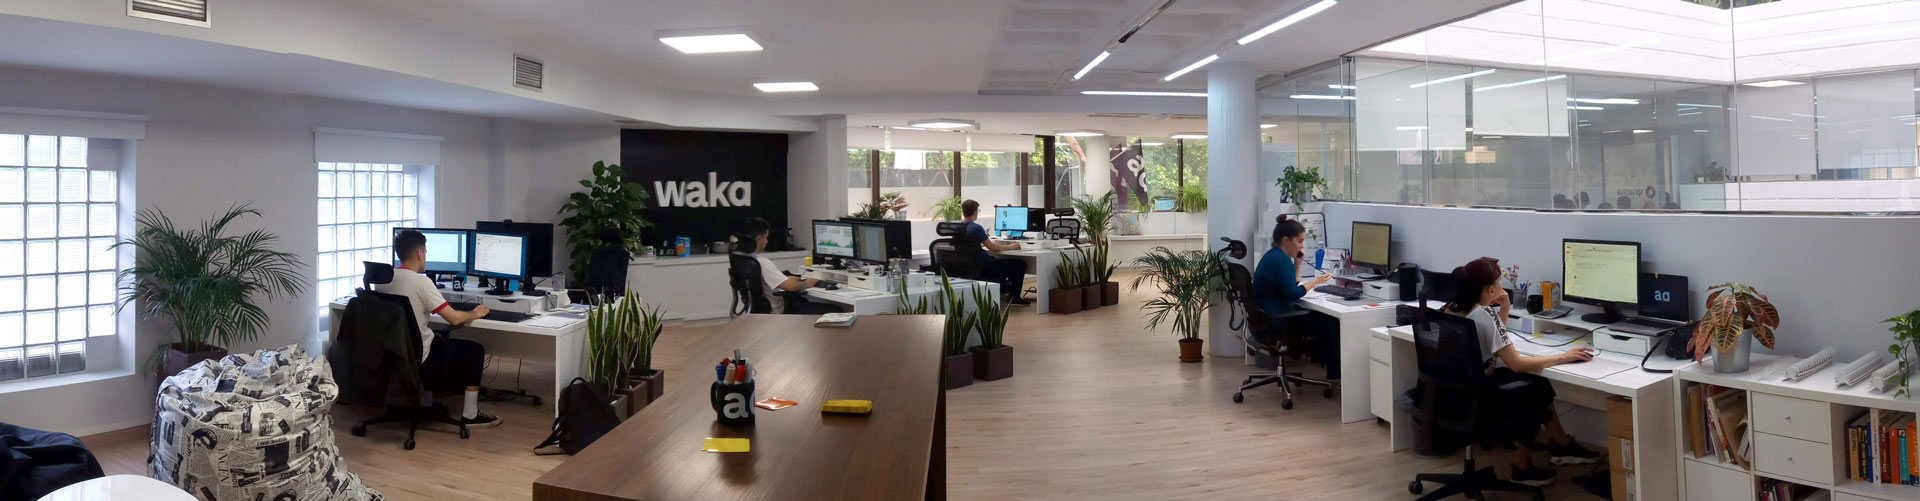 Oficinas de waka